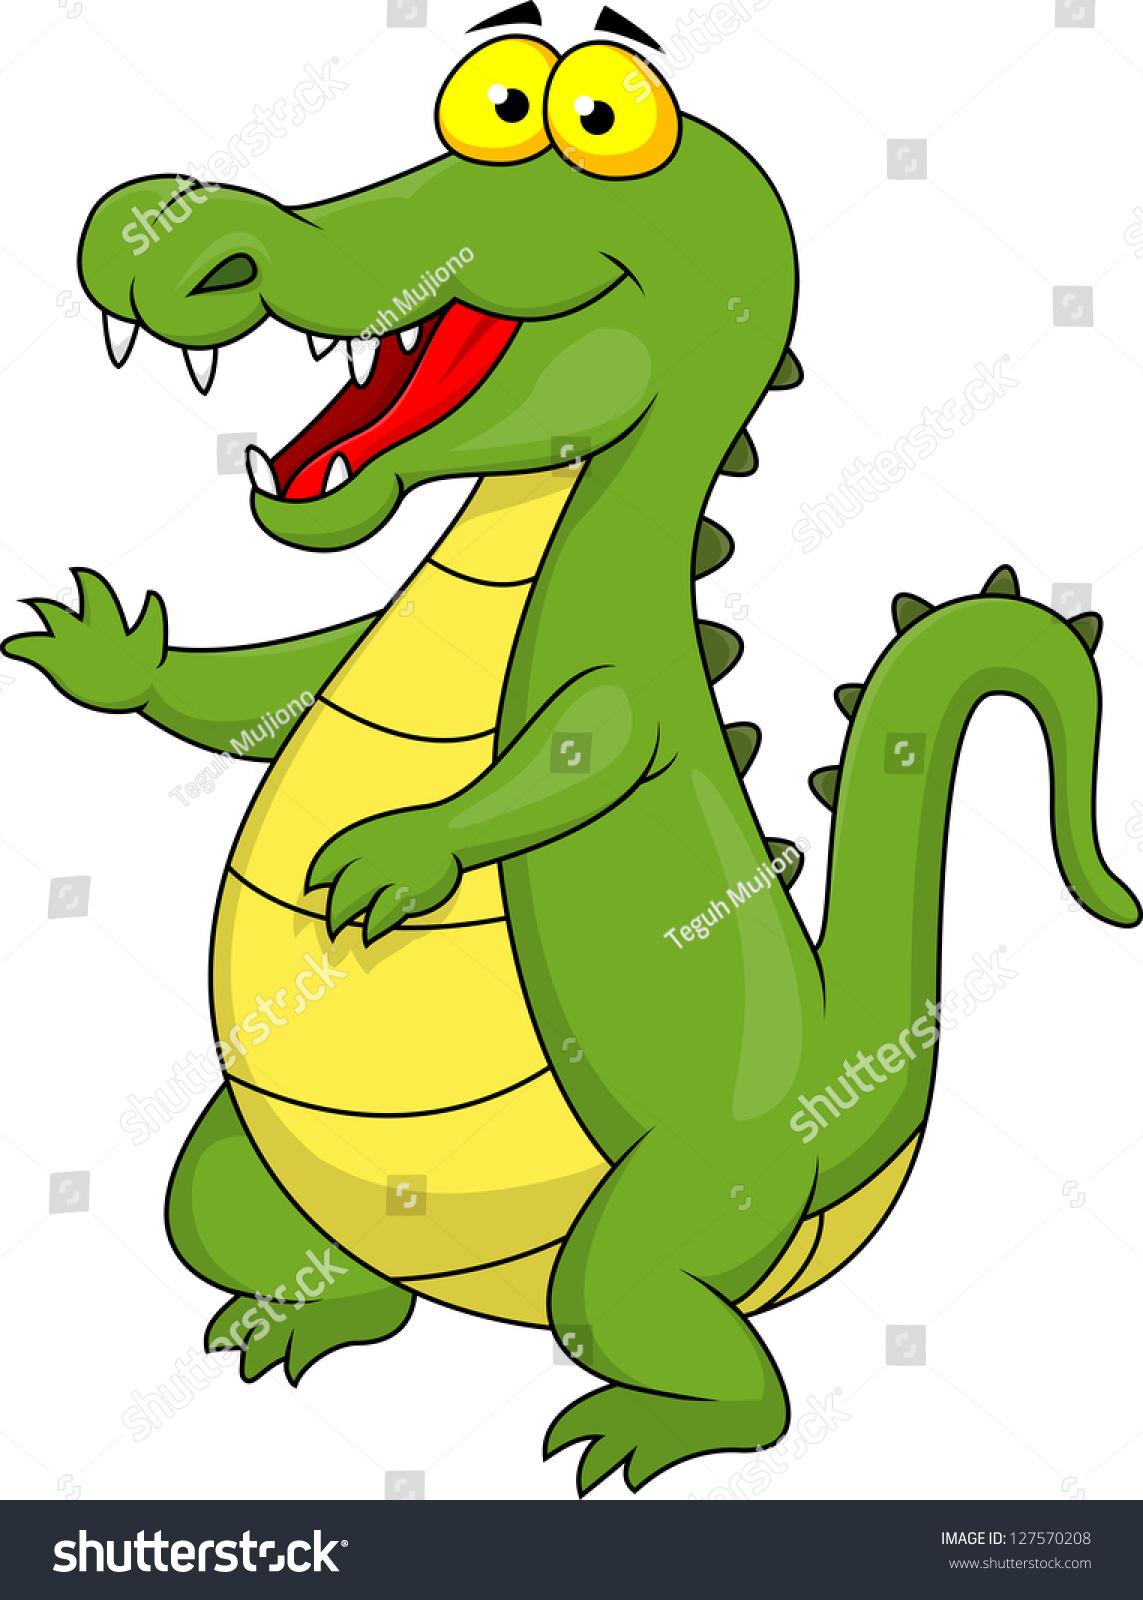 Crocodile Cartoon Stock Illustration 127570208 - Shutterstock - photo#7